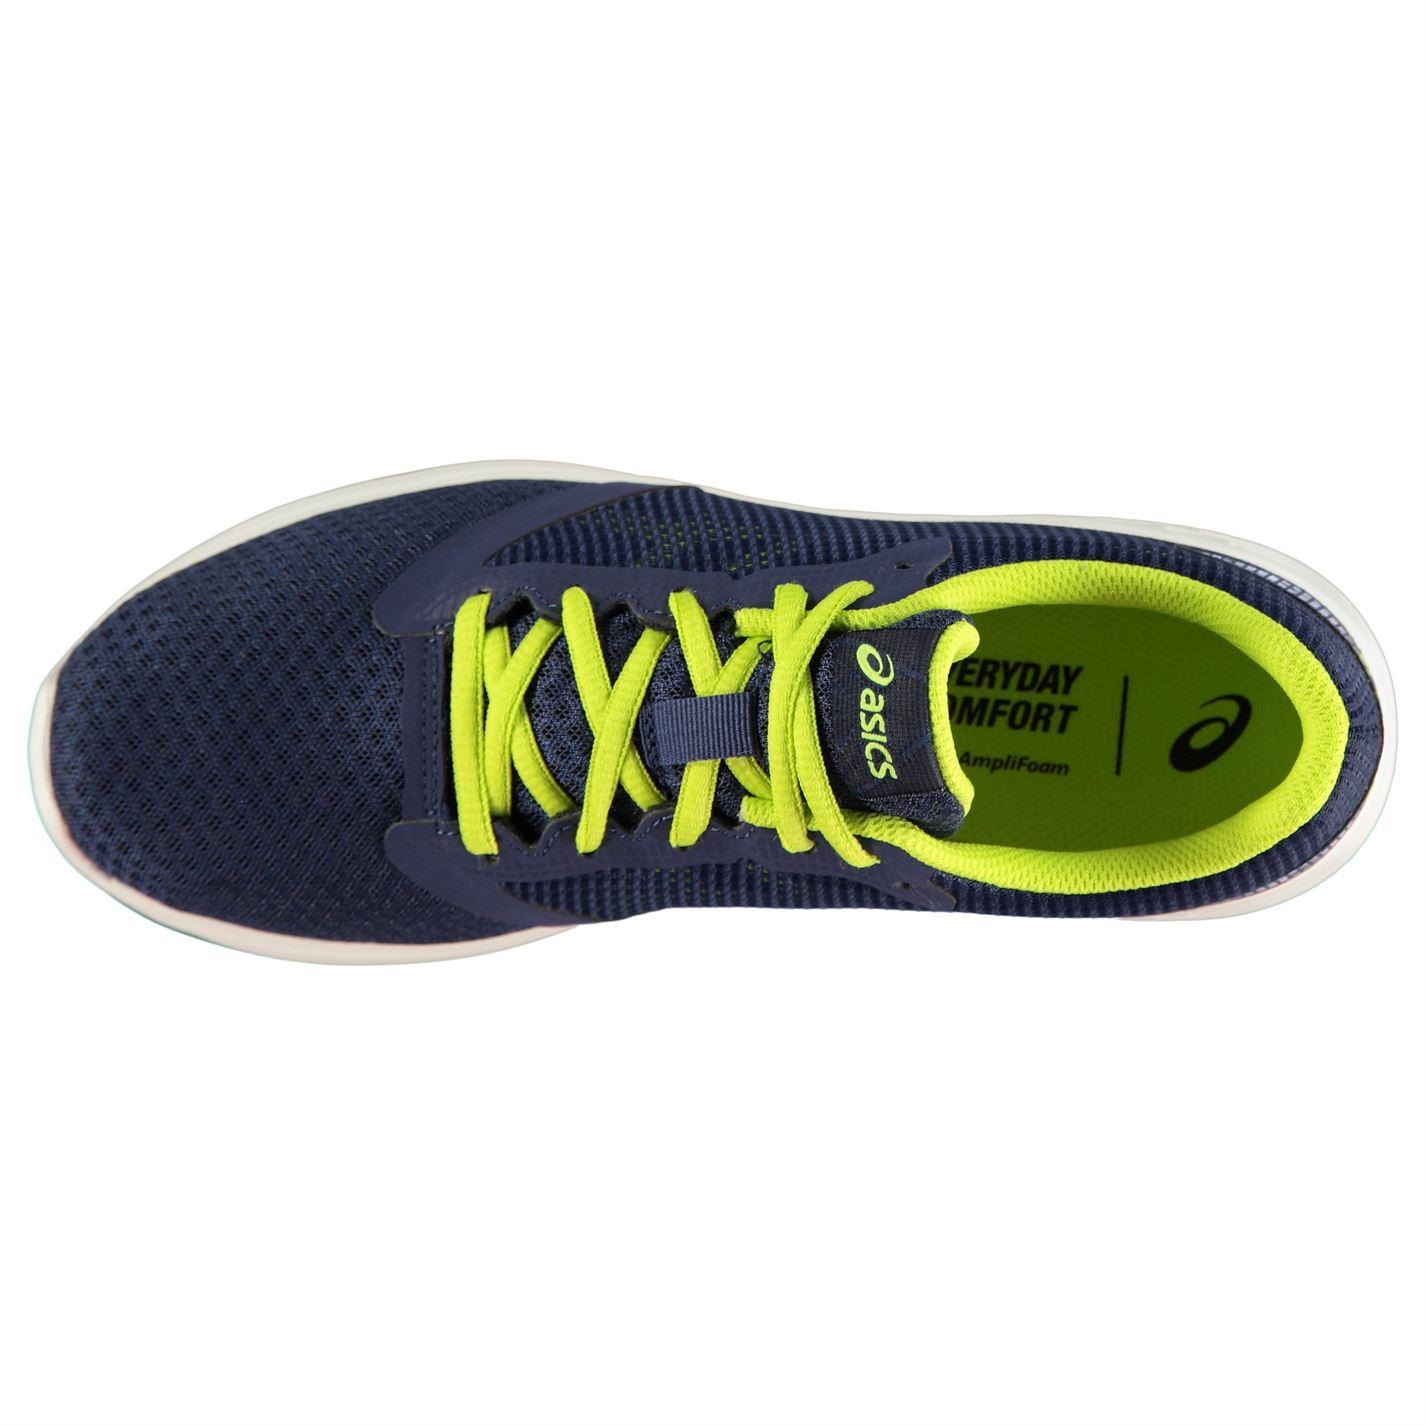 Coureurs Supérieur Lacets Asics jaune Fixés Messieurs Patriot Mesh Bleu Hommes Sneakers 10 wwxqZXgz4